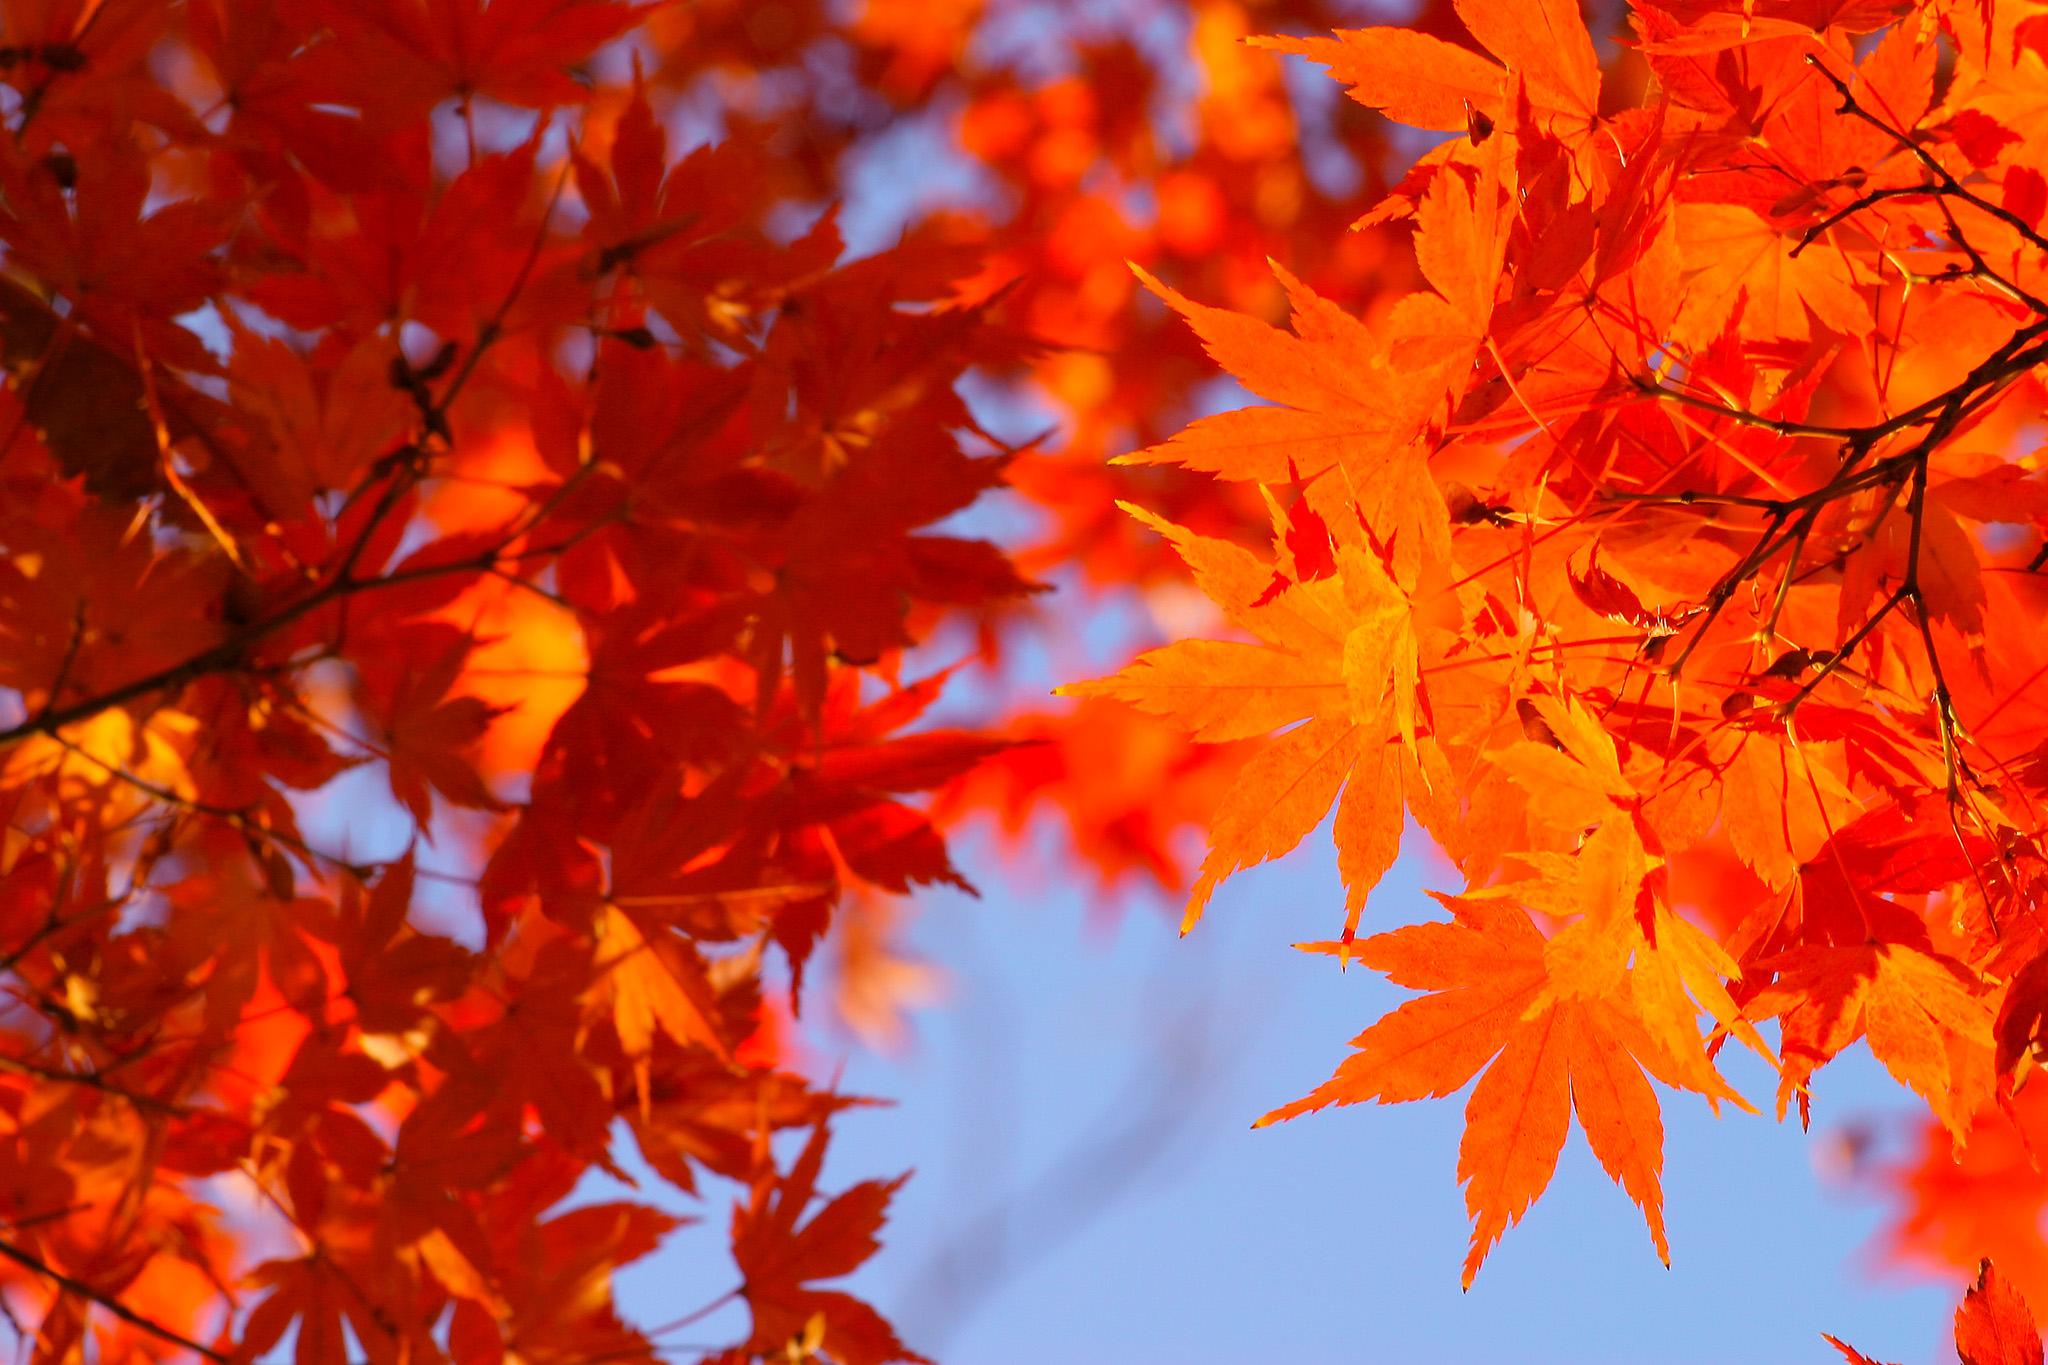 「秋の空と橙色のもみじ」